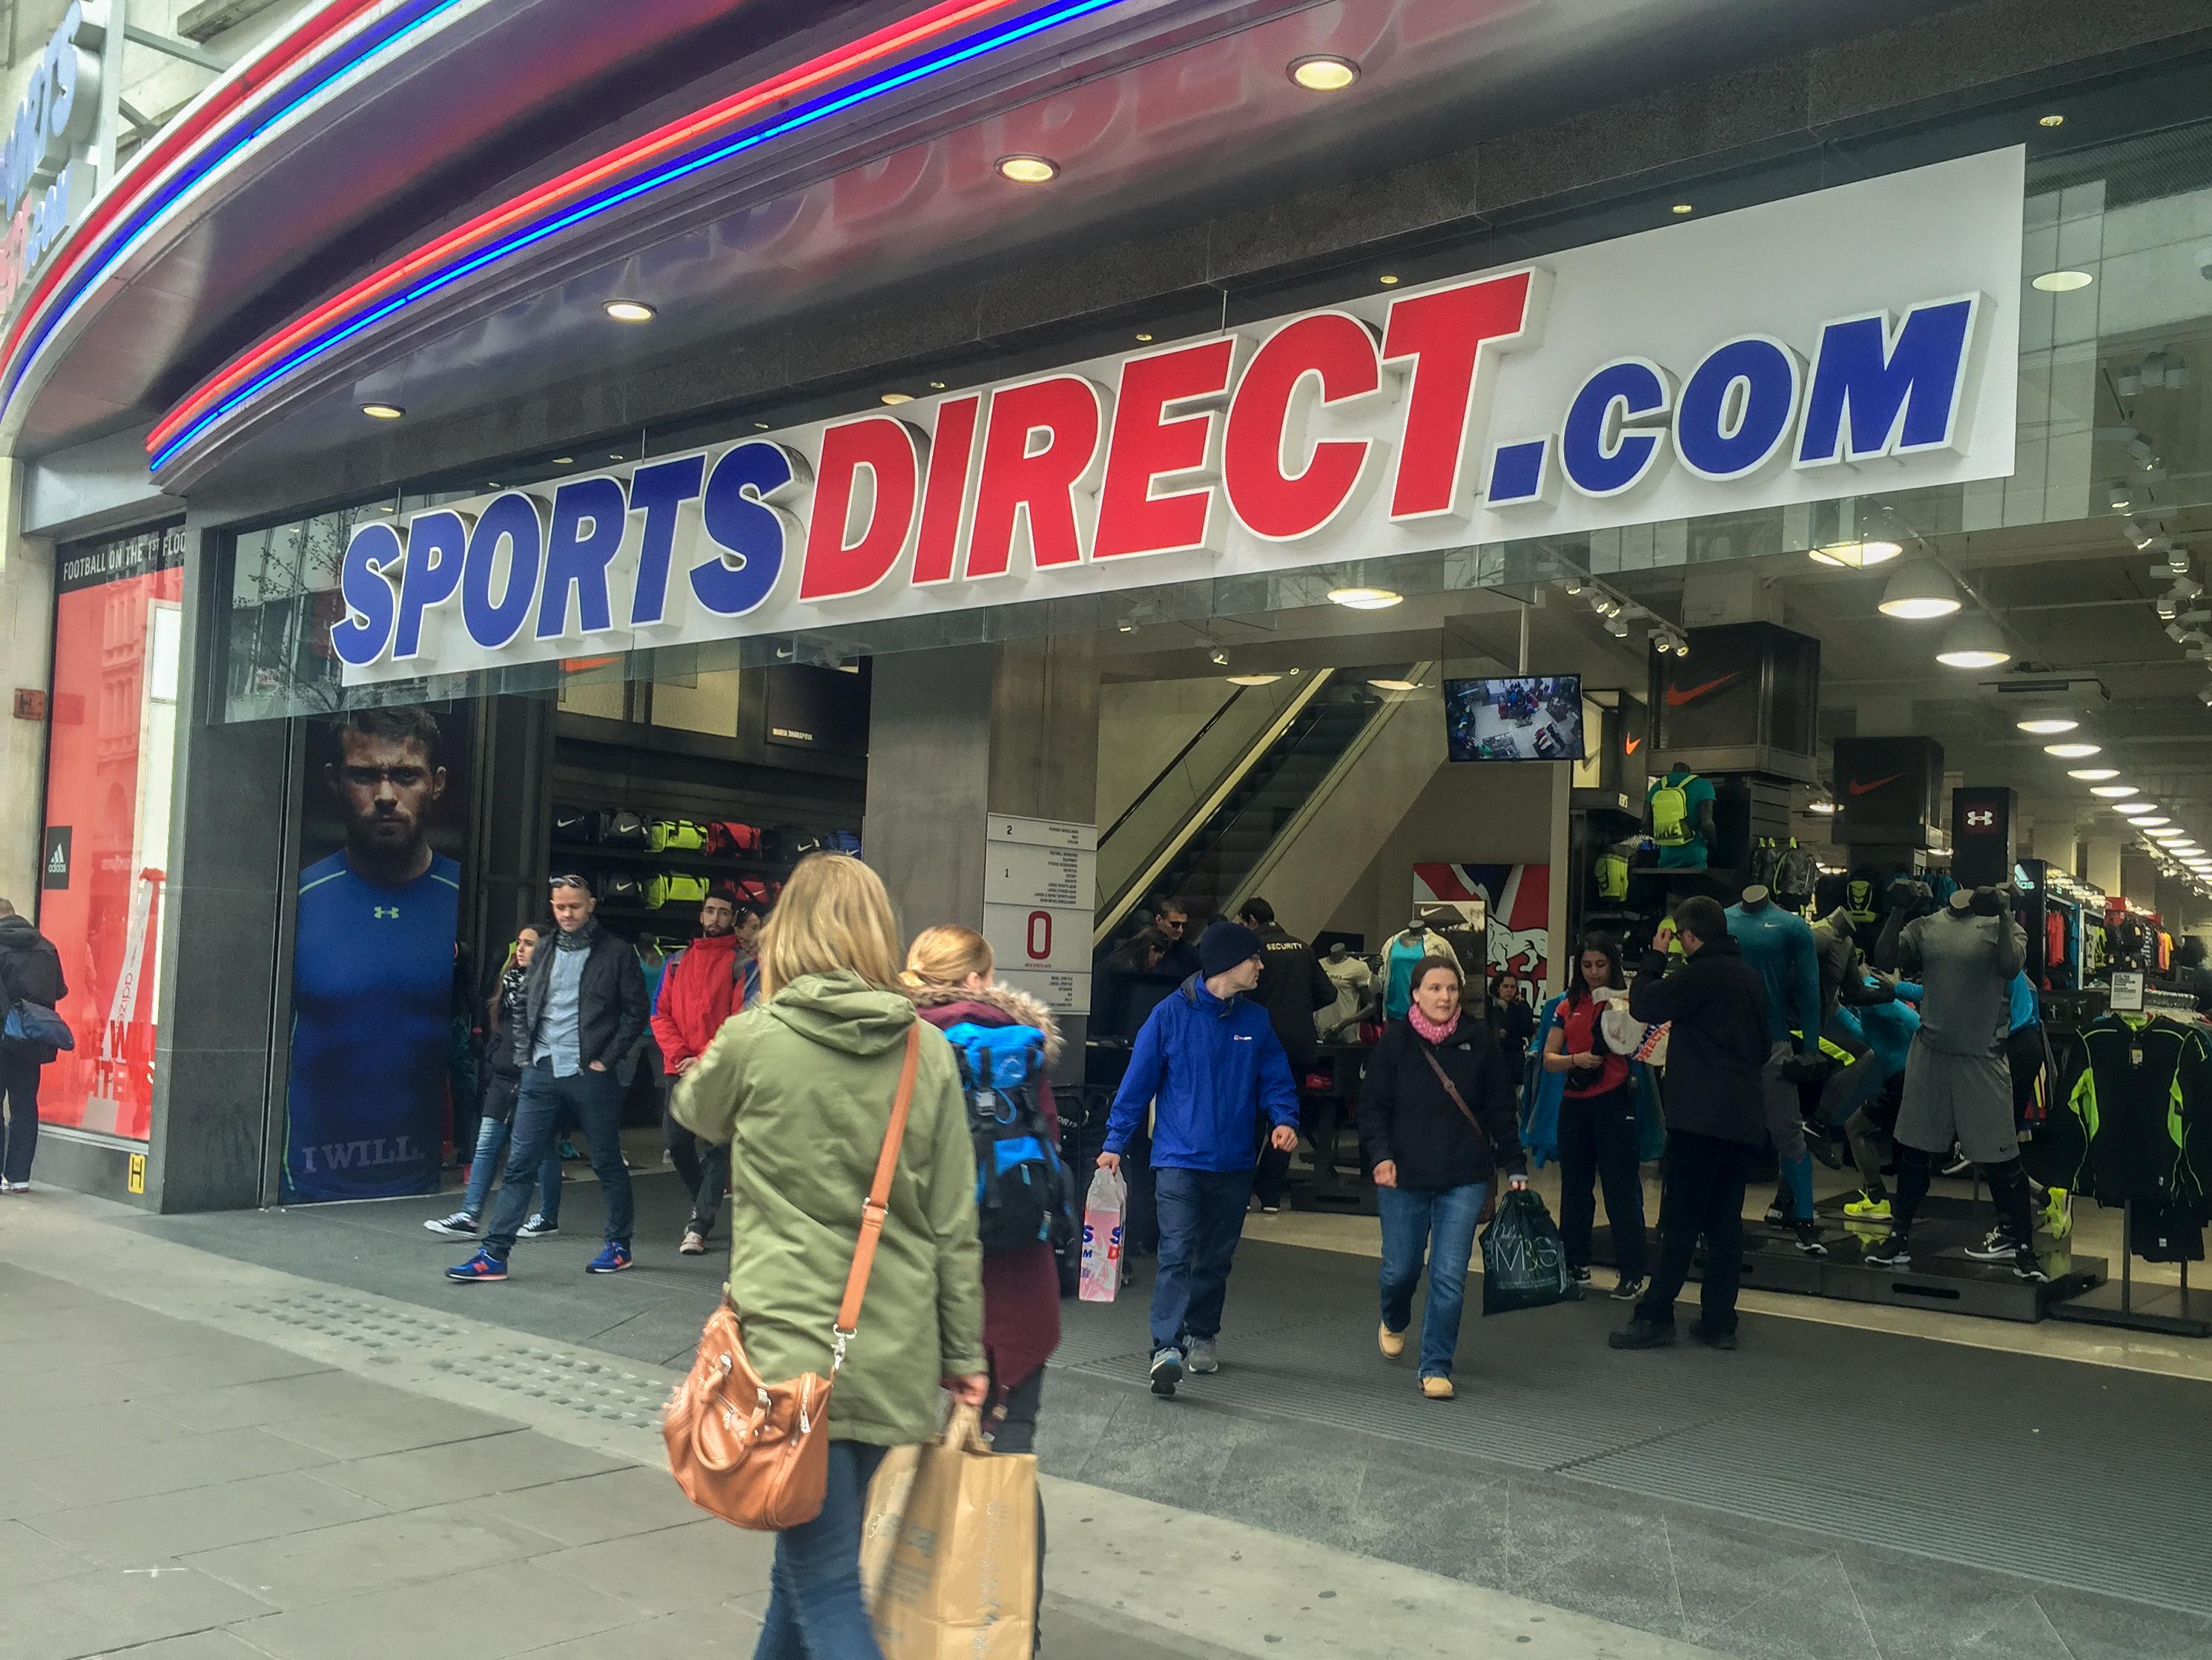 Sports Direct az edzőcuccok fellegvára